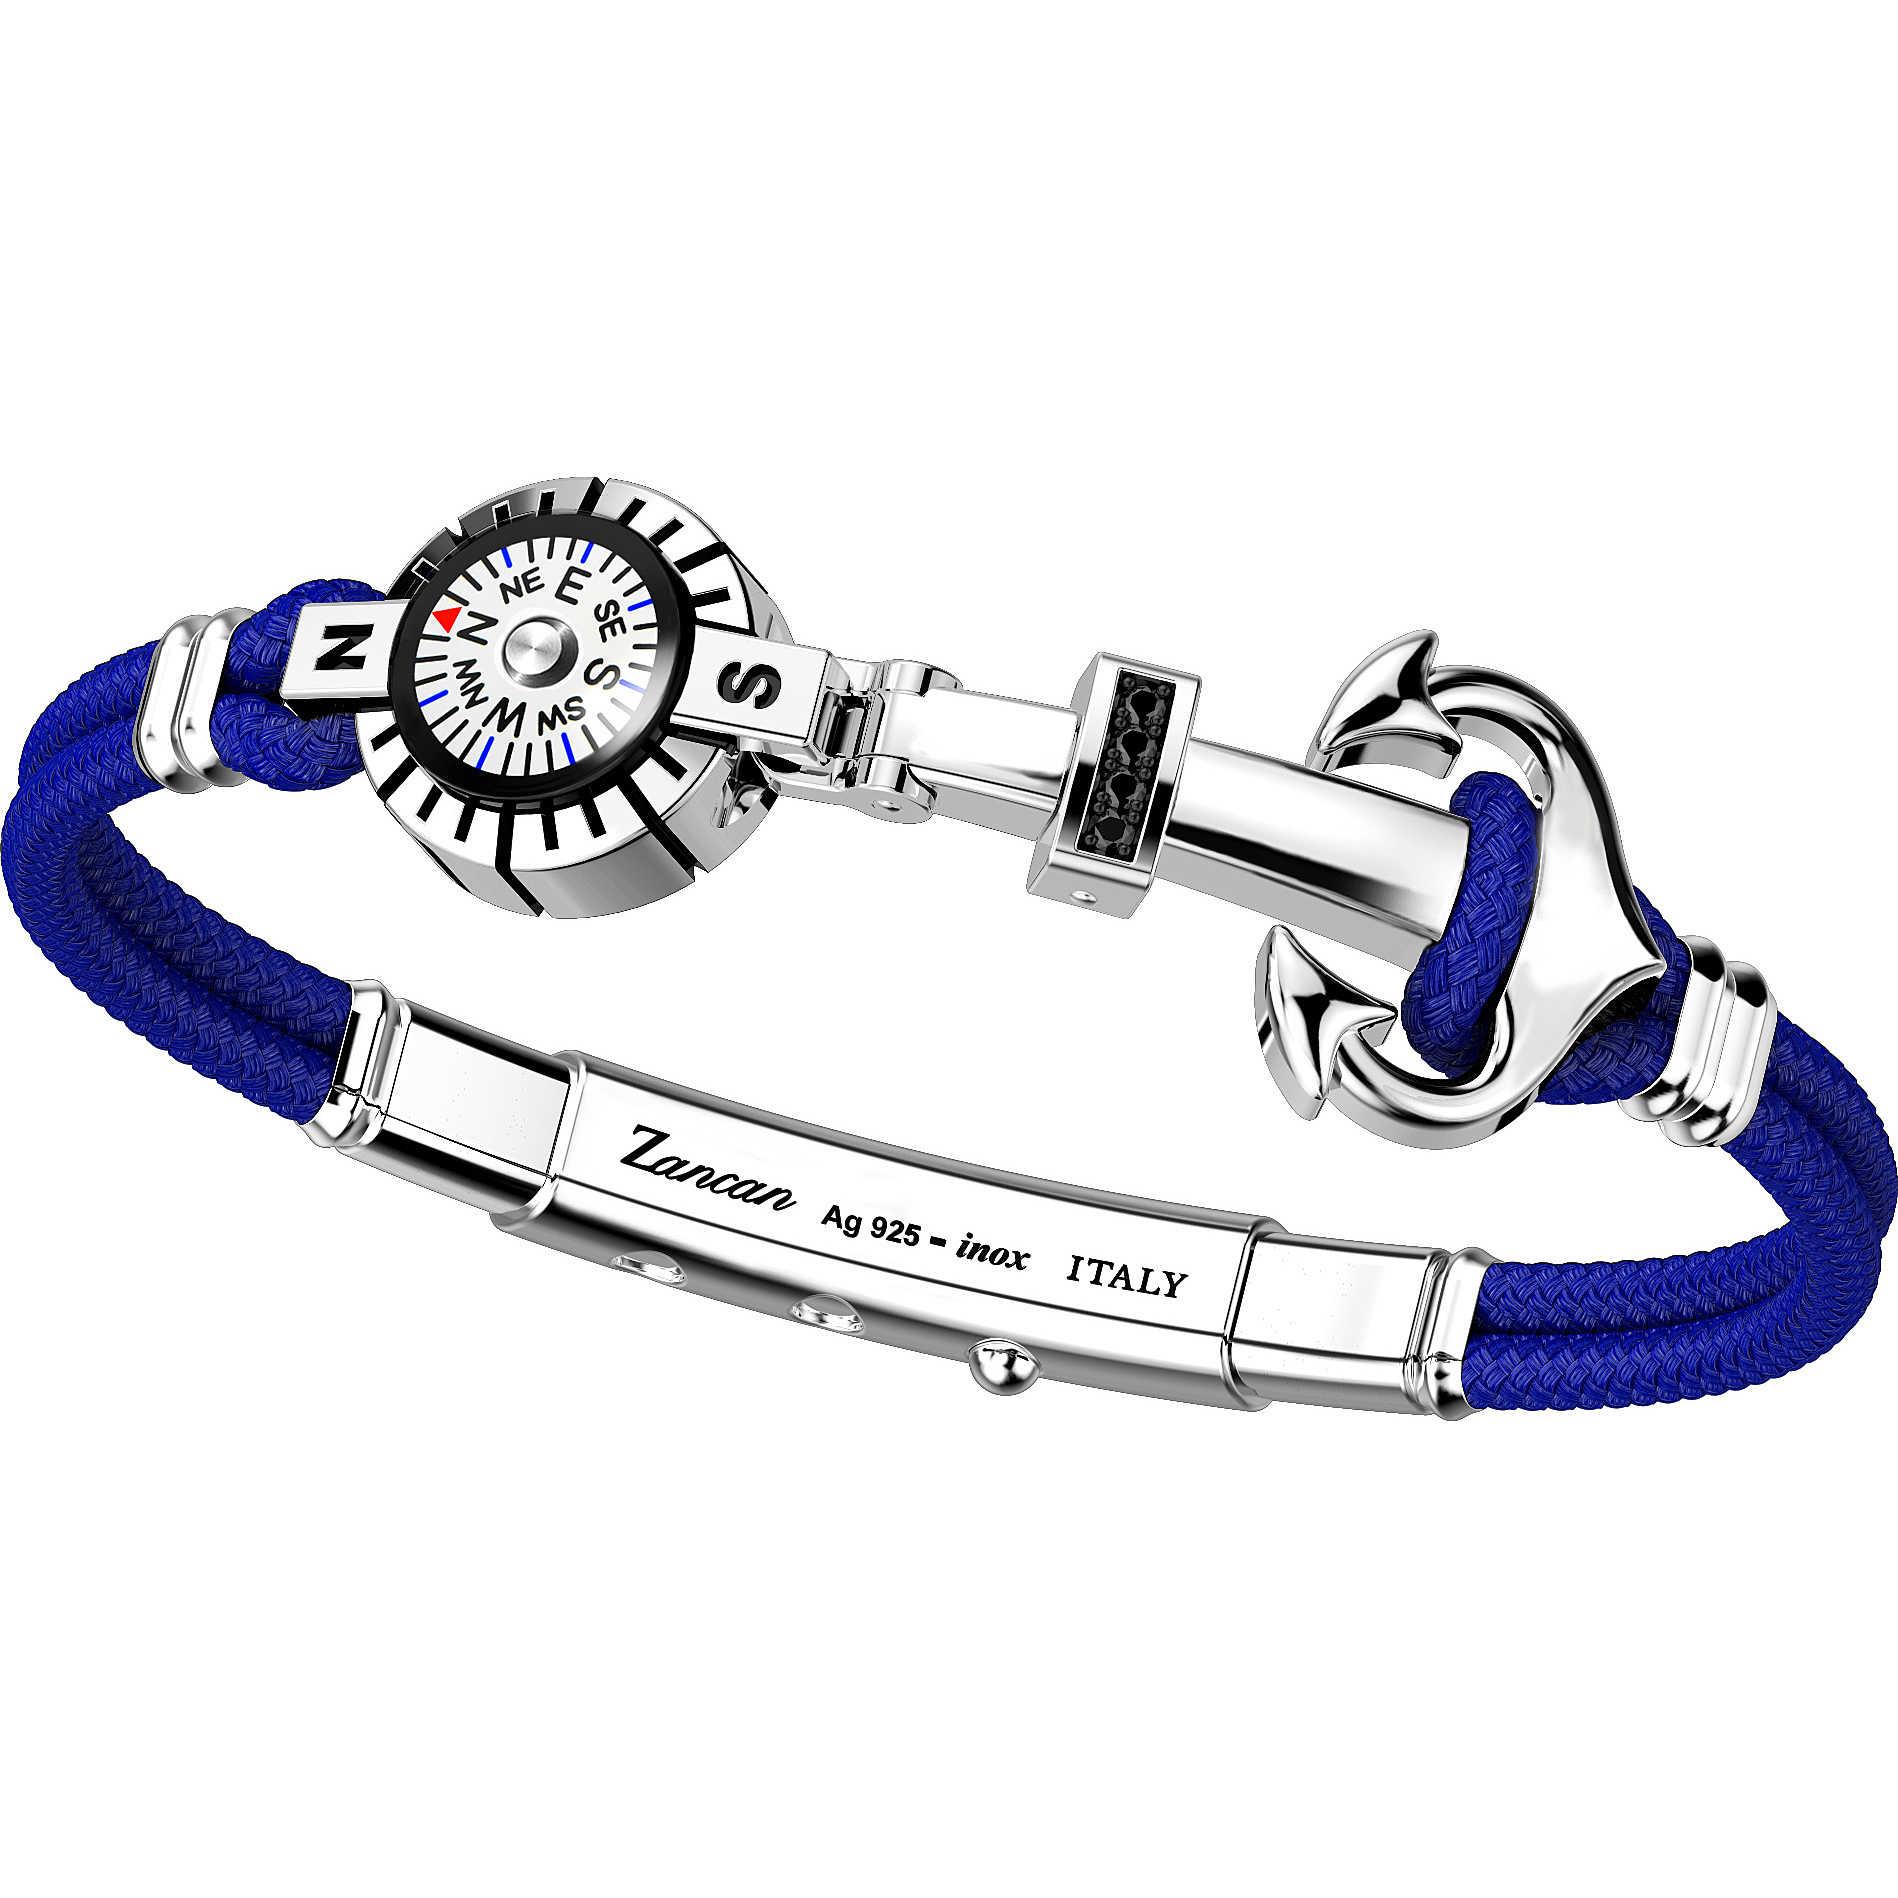 5f737258544d0d bracciale uomo gioielli Zancan Regata EXB633-BL bracciali Zancan